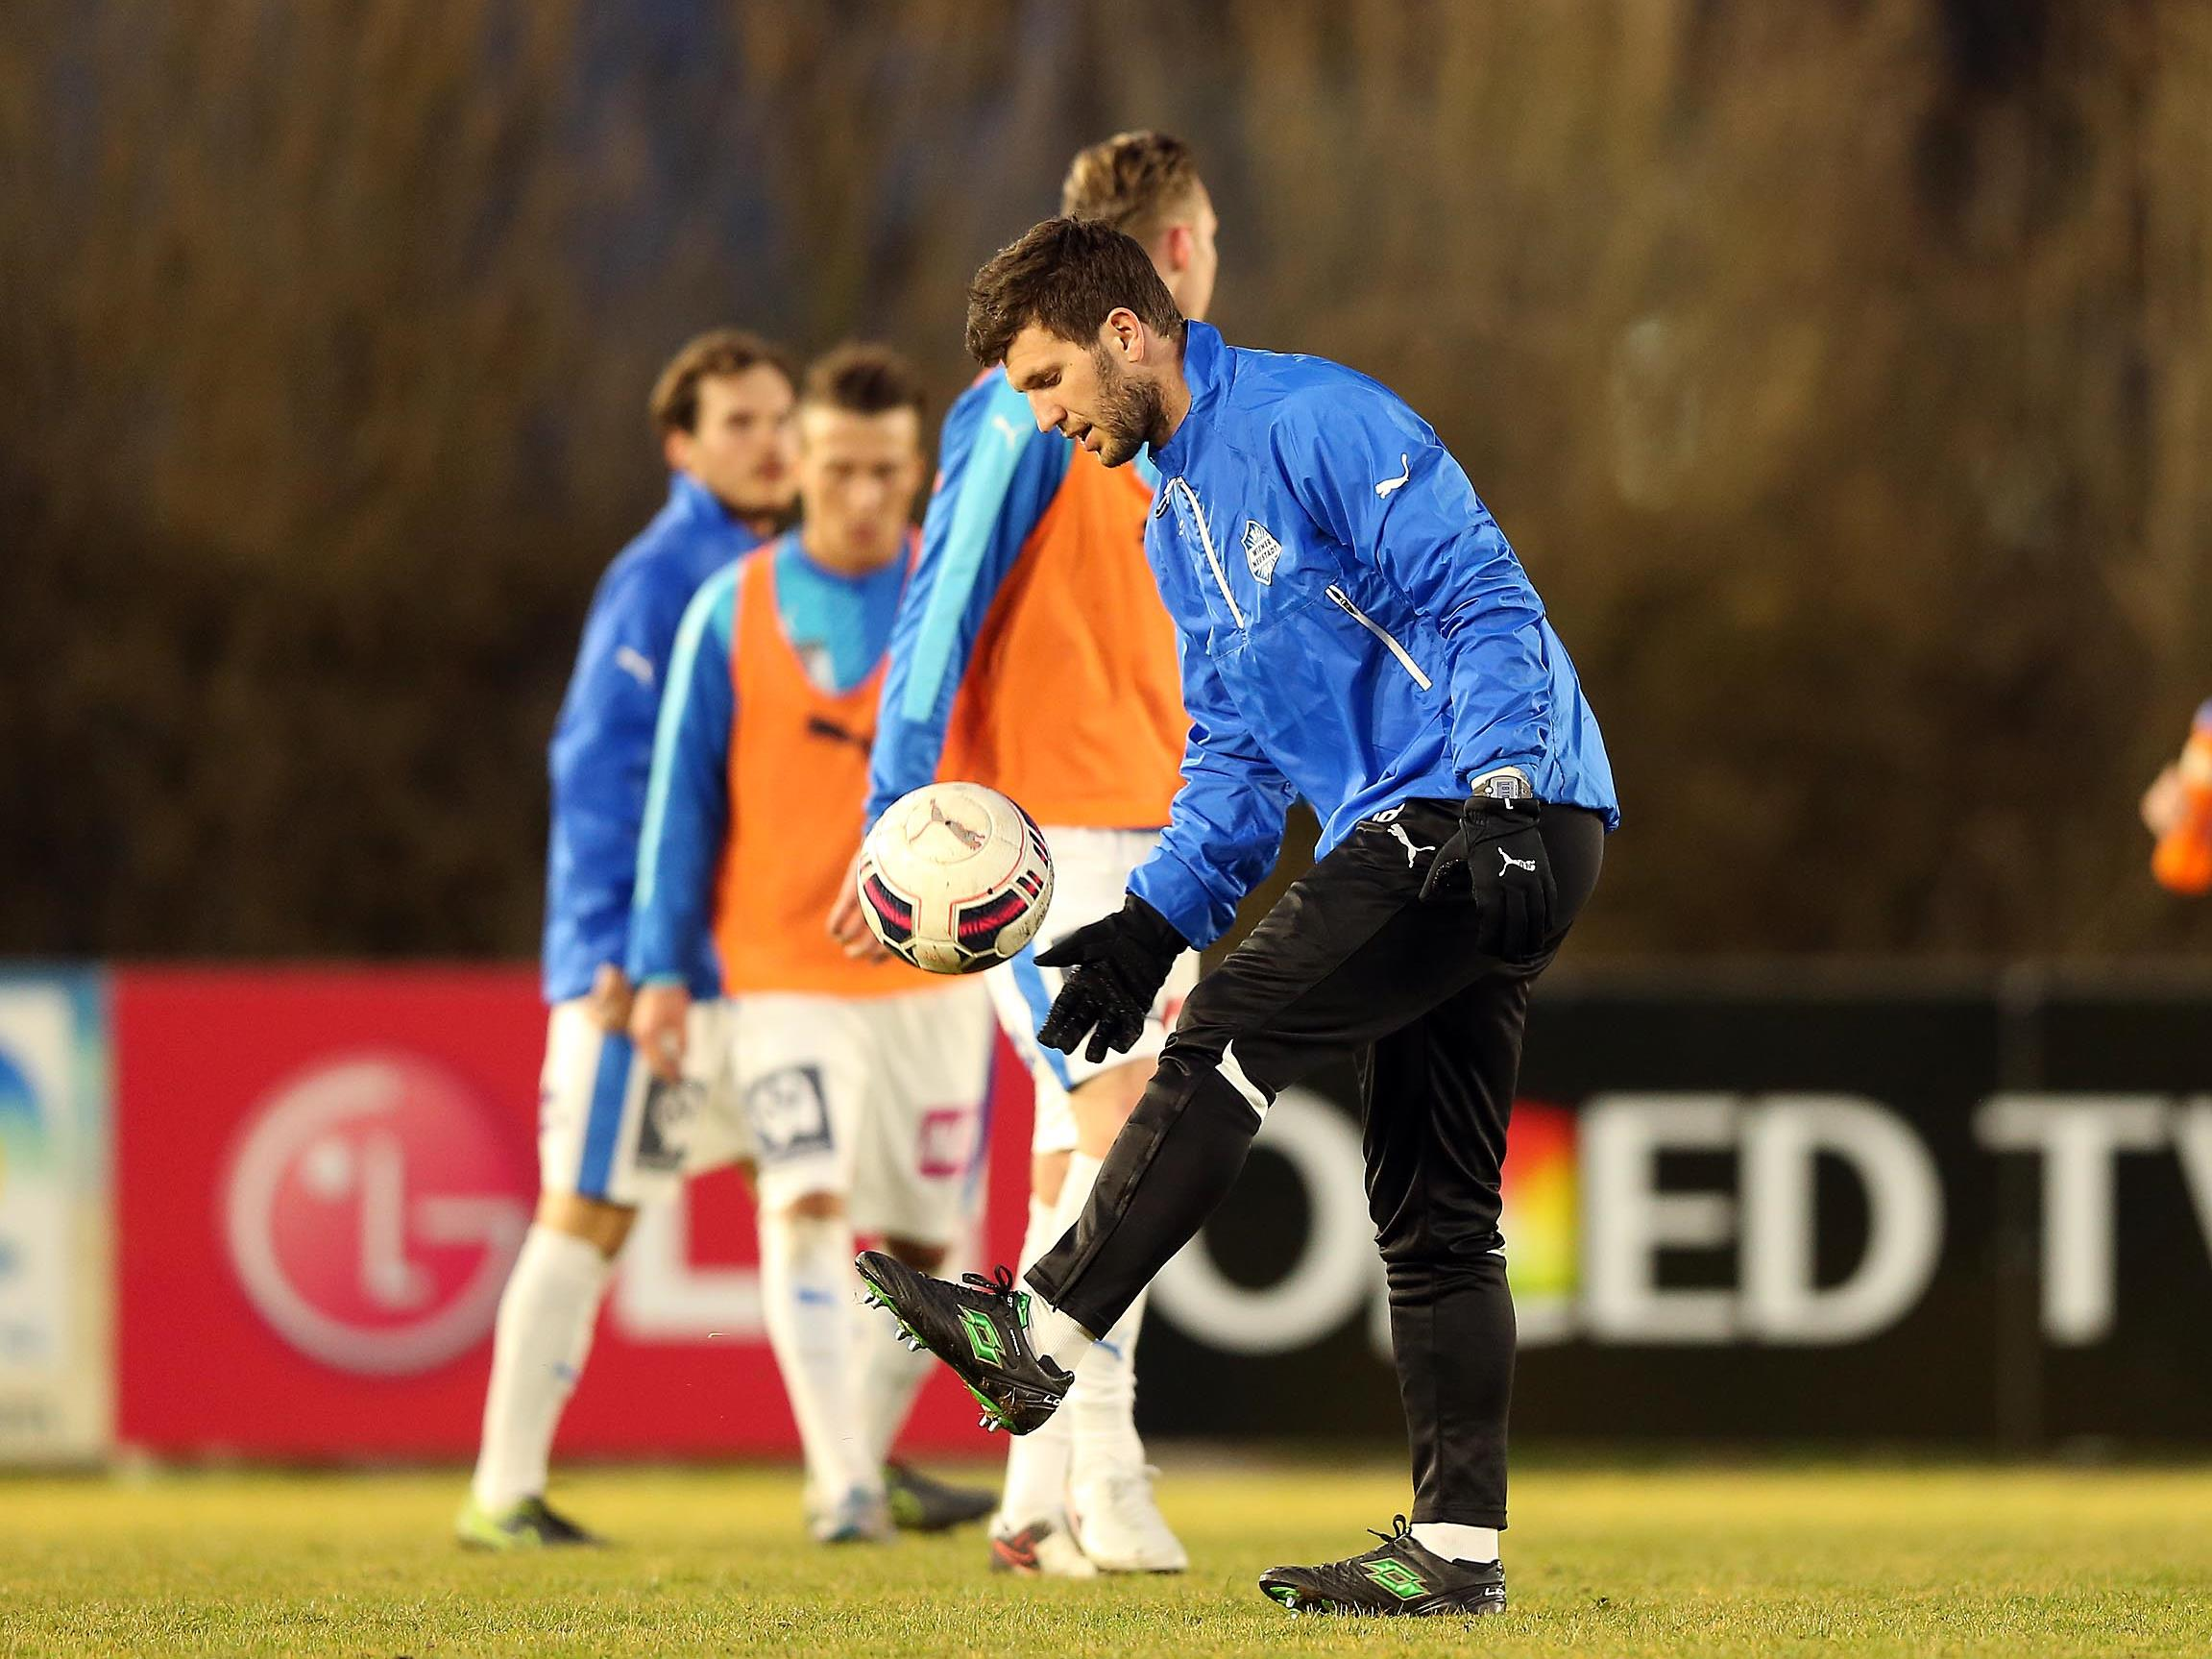 Andreas Schicker bekleidet ab sofort das Amt des Sportdirektors.